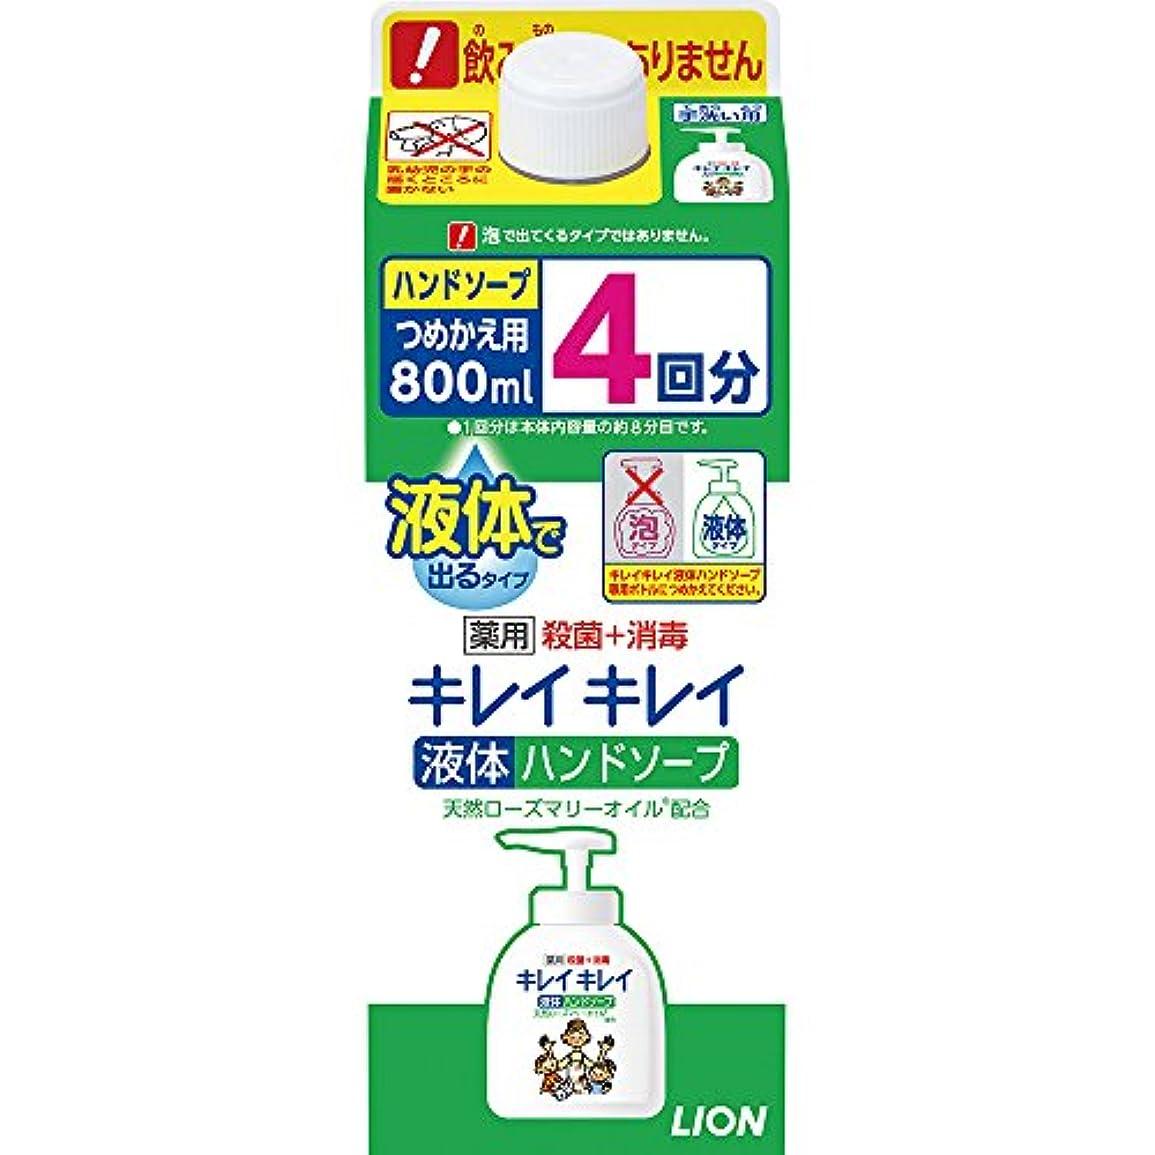 寮人物勇者(医薬部外品)【大容量】キレイキレイ 薬用 液体ハンドソープ 詰め替え 特大 800ml